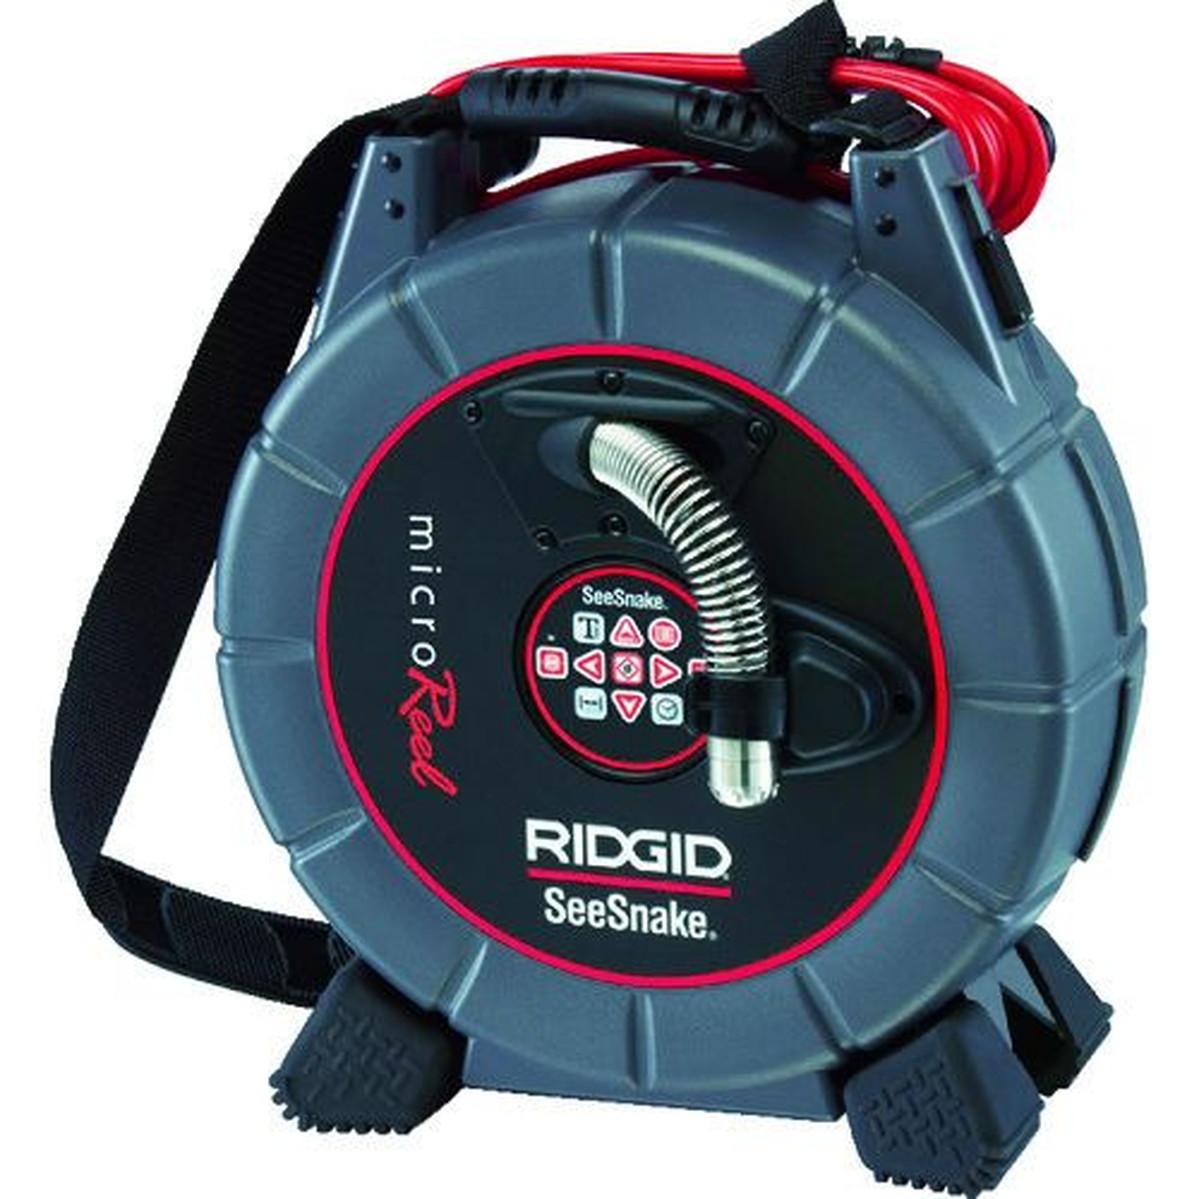 国内最安値! RIDGID 1台 30M マイクロリールL100C 30M RIDGID 1台, カサブロウ アウトレット店:fee99e24 --- ebacongolink.com